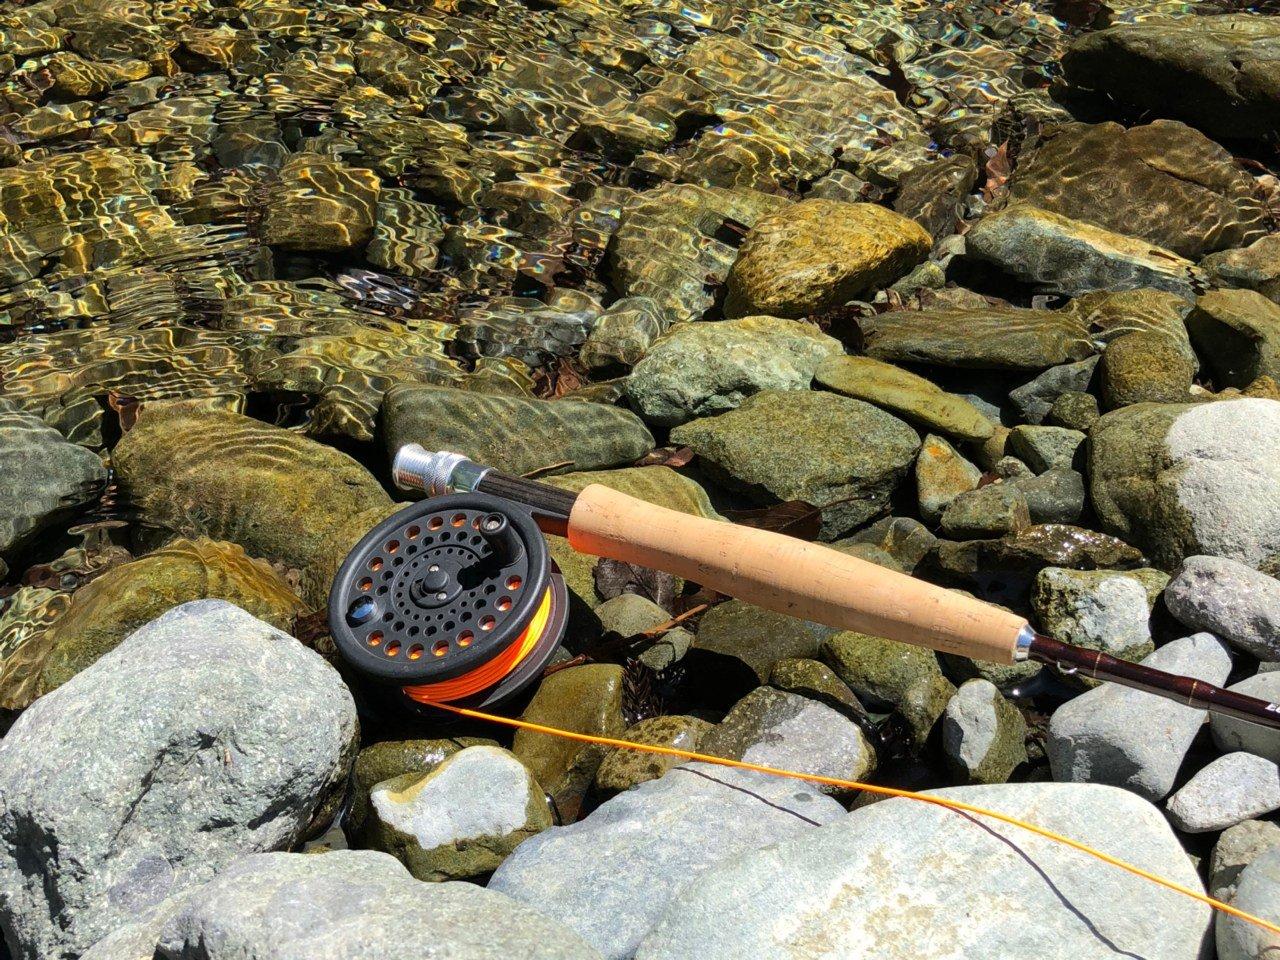 ローカルの釣りを家でも楽しみたい おすすめ釣りユーチューブ4選